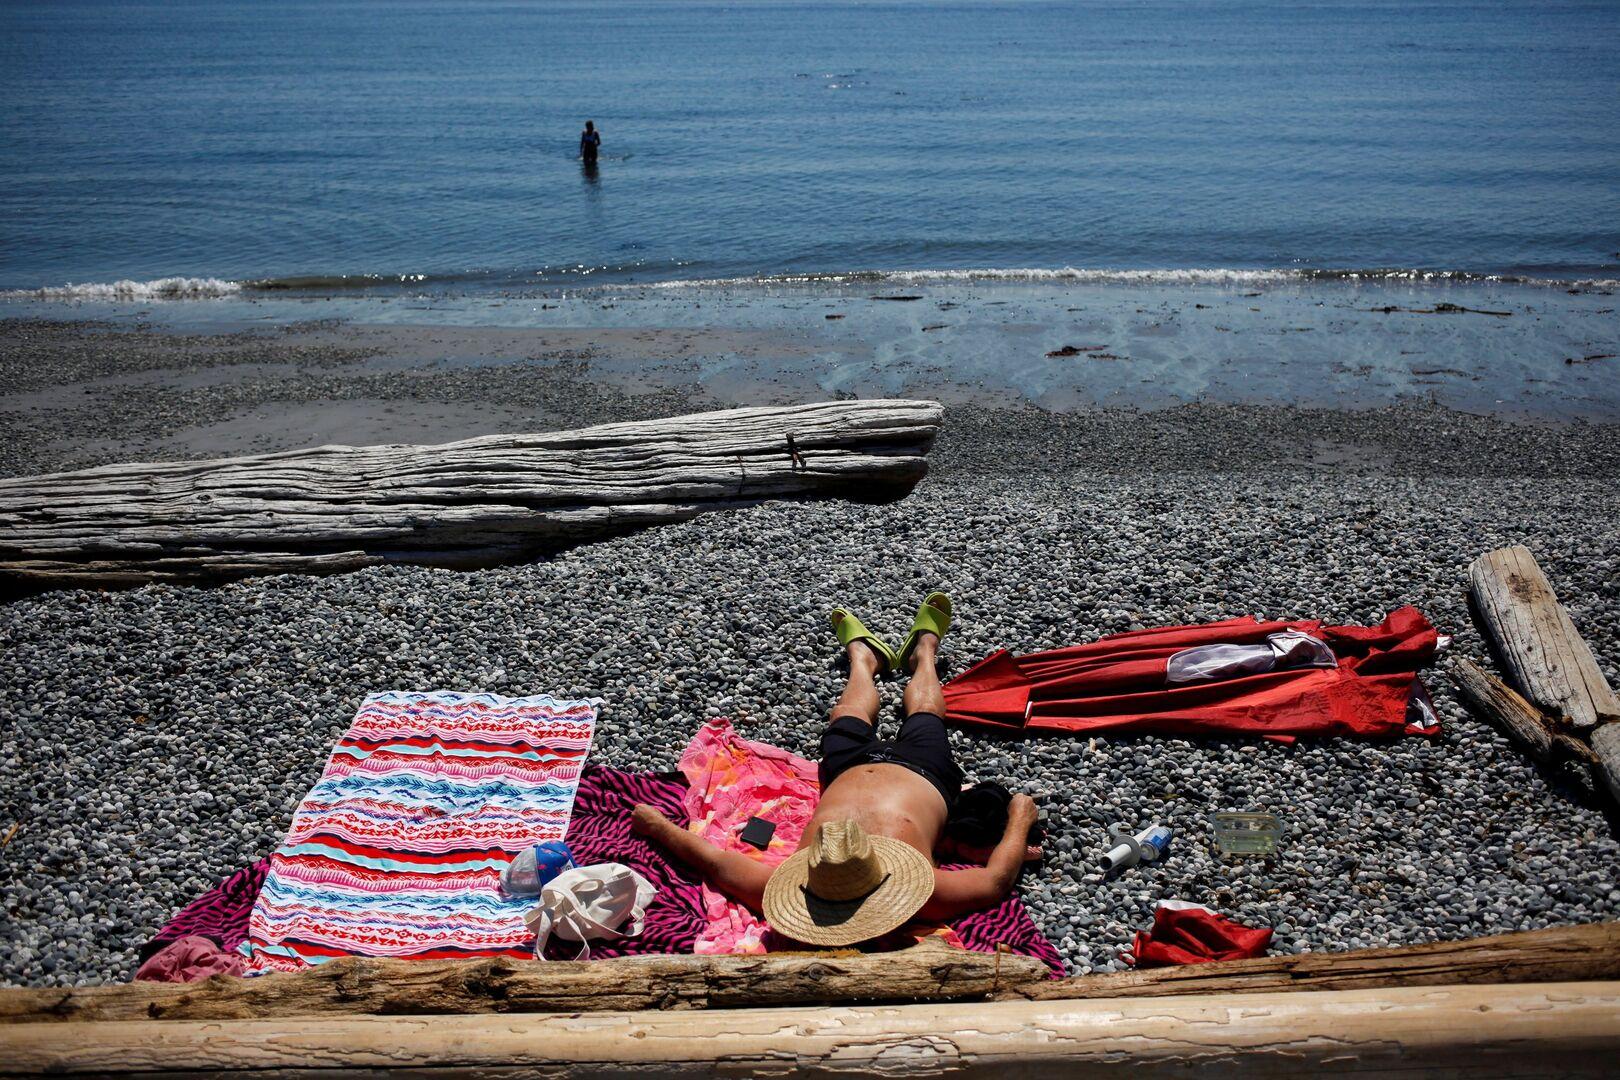 كندا.. درجة الحرارة القياسية المرتفعة تتسبب بوفاة نحو 30 شخصا